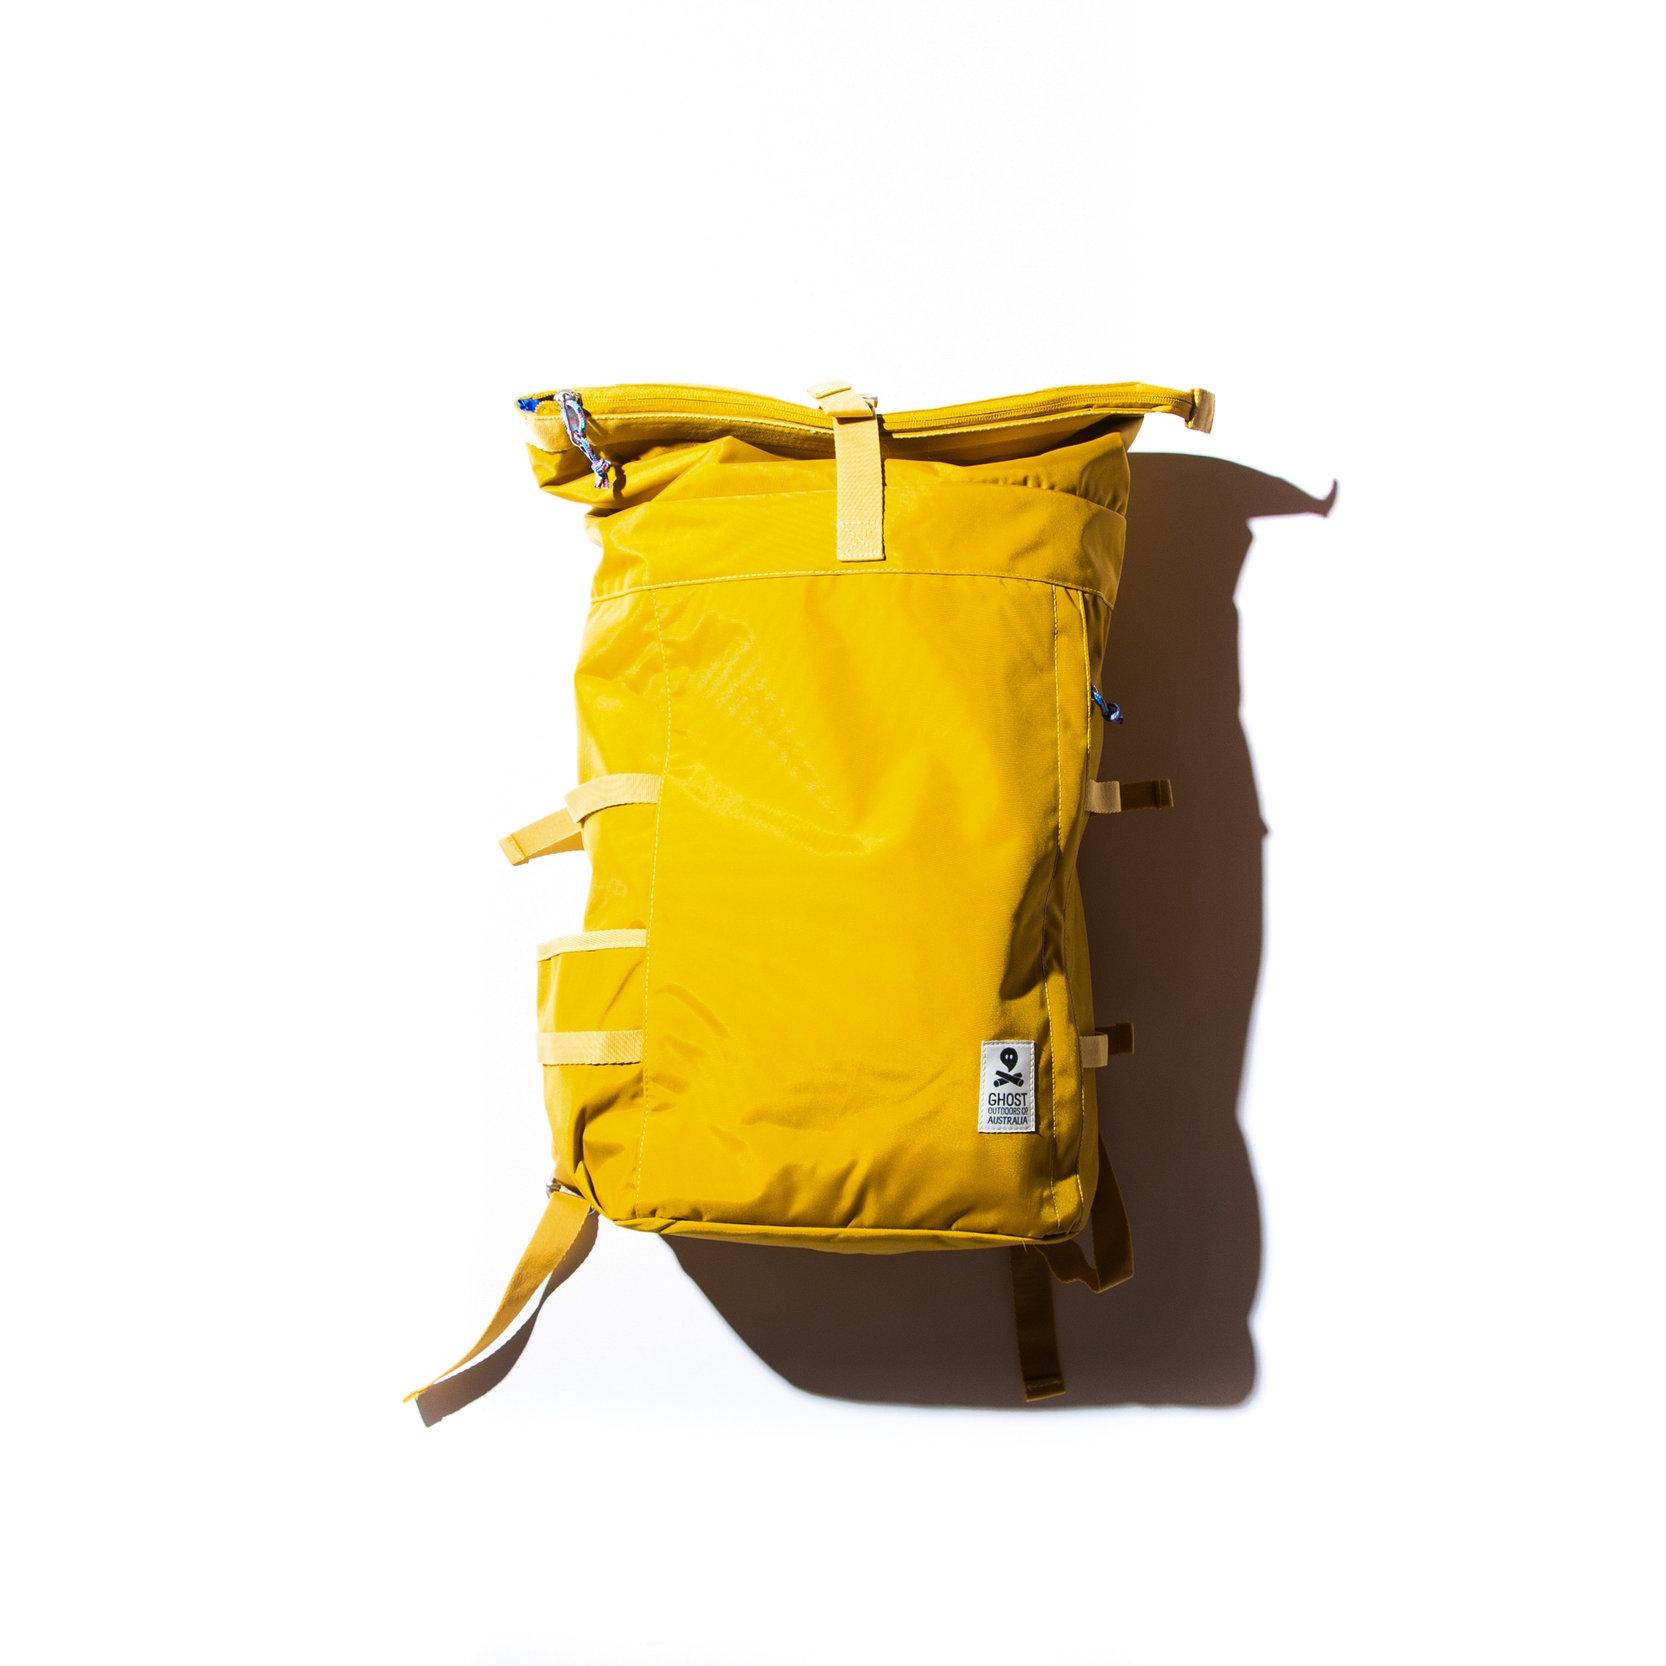 $149 - Ultimate Ochre Rucksack